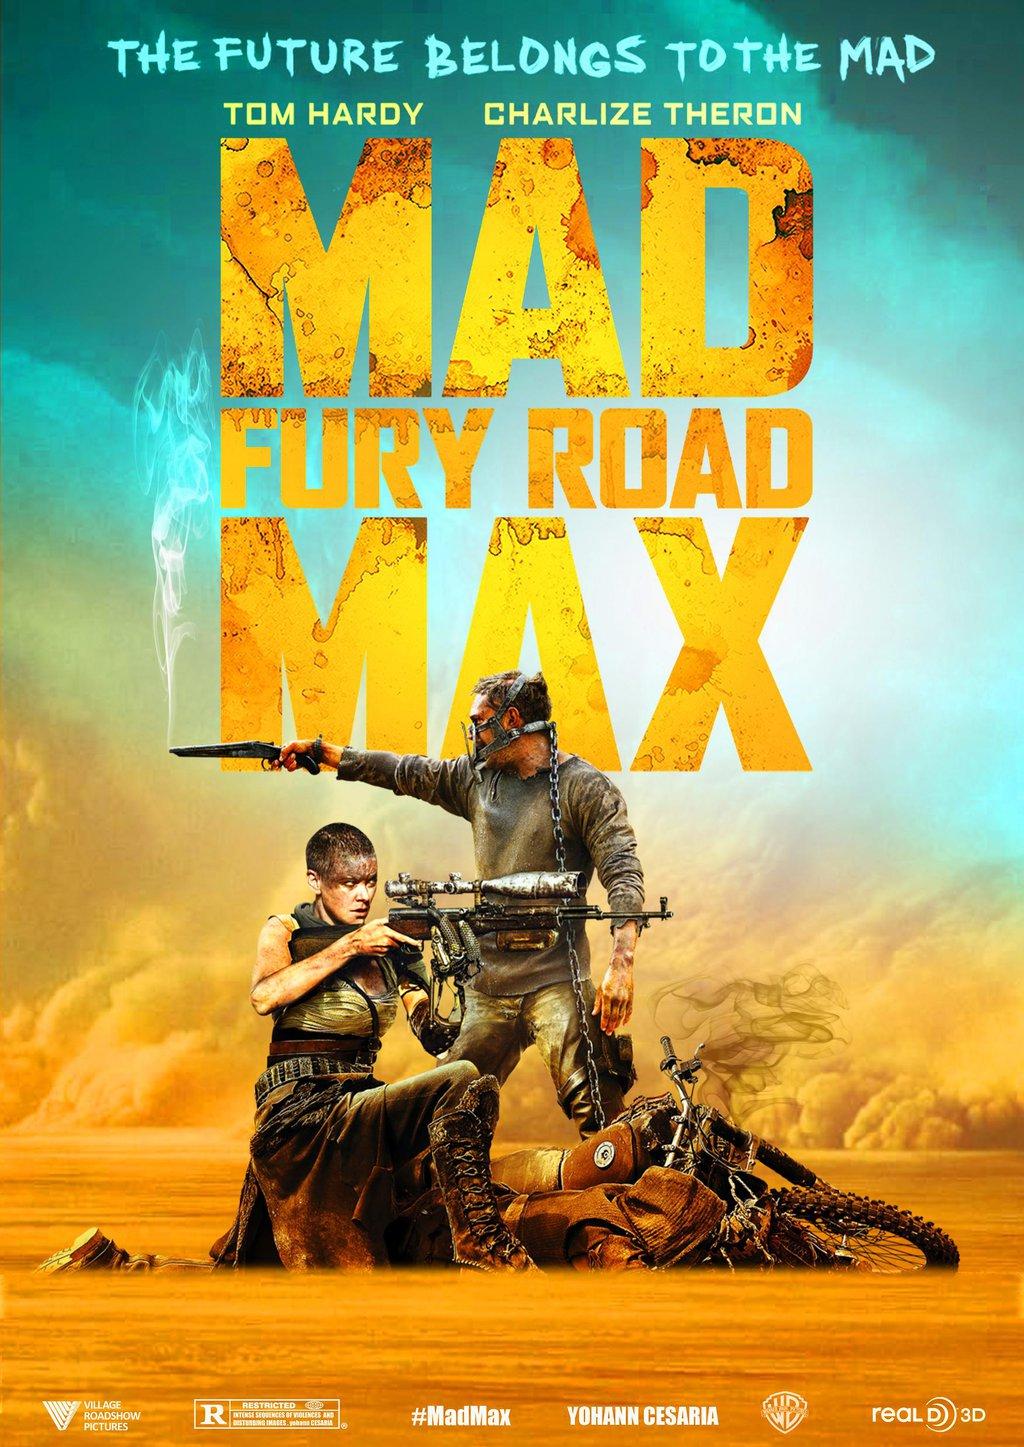 ดูหนัง Mad Max Fury Road (2015) แมด แม็กซ์ ถนนโลกันตร์ ดูหนังออนไลน์ฟรี ดูหนังฟรี ดูหนังใหม่ชนโรง หนังใหม่ล่าสุด หนังแอคชั่น หนังผจญภัย หนังแอนนิเมชั่น หนัง HD ได้ที่ movie24x.com